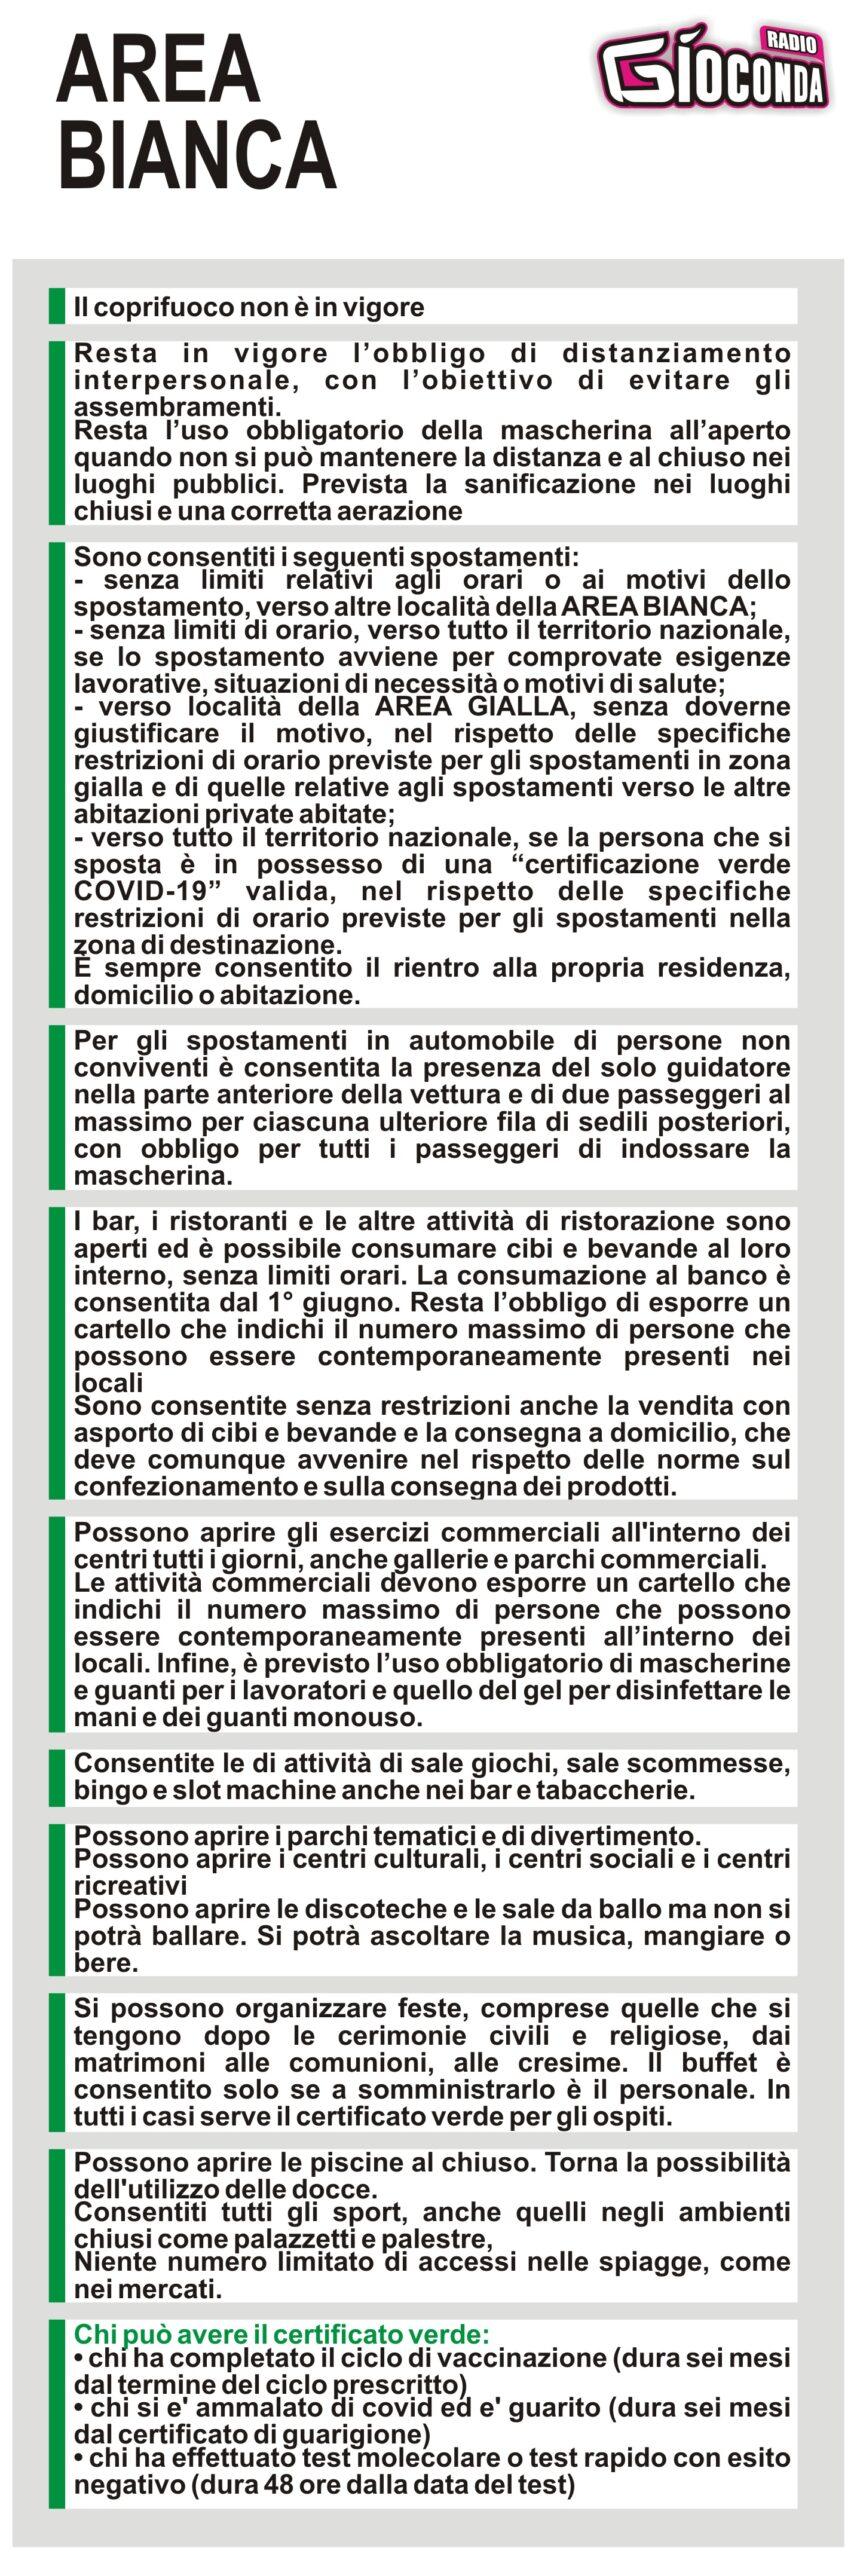 Il Friuli Venezia Giulia dal 31 maggio è in ZONA BIANCA #covid19 #covid #regionefriuliveneziagiulia